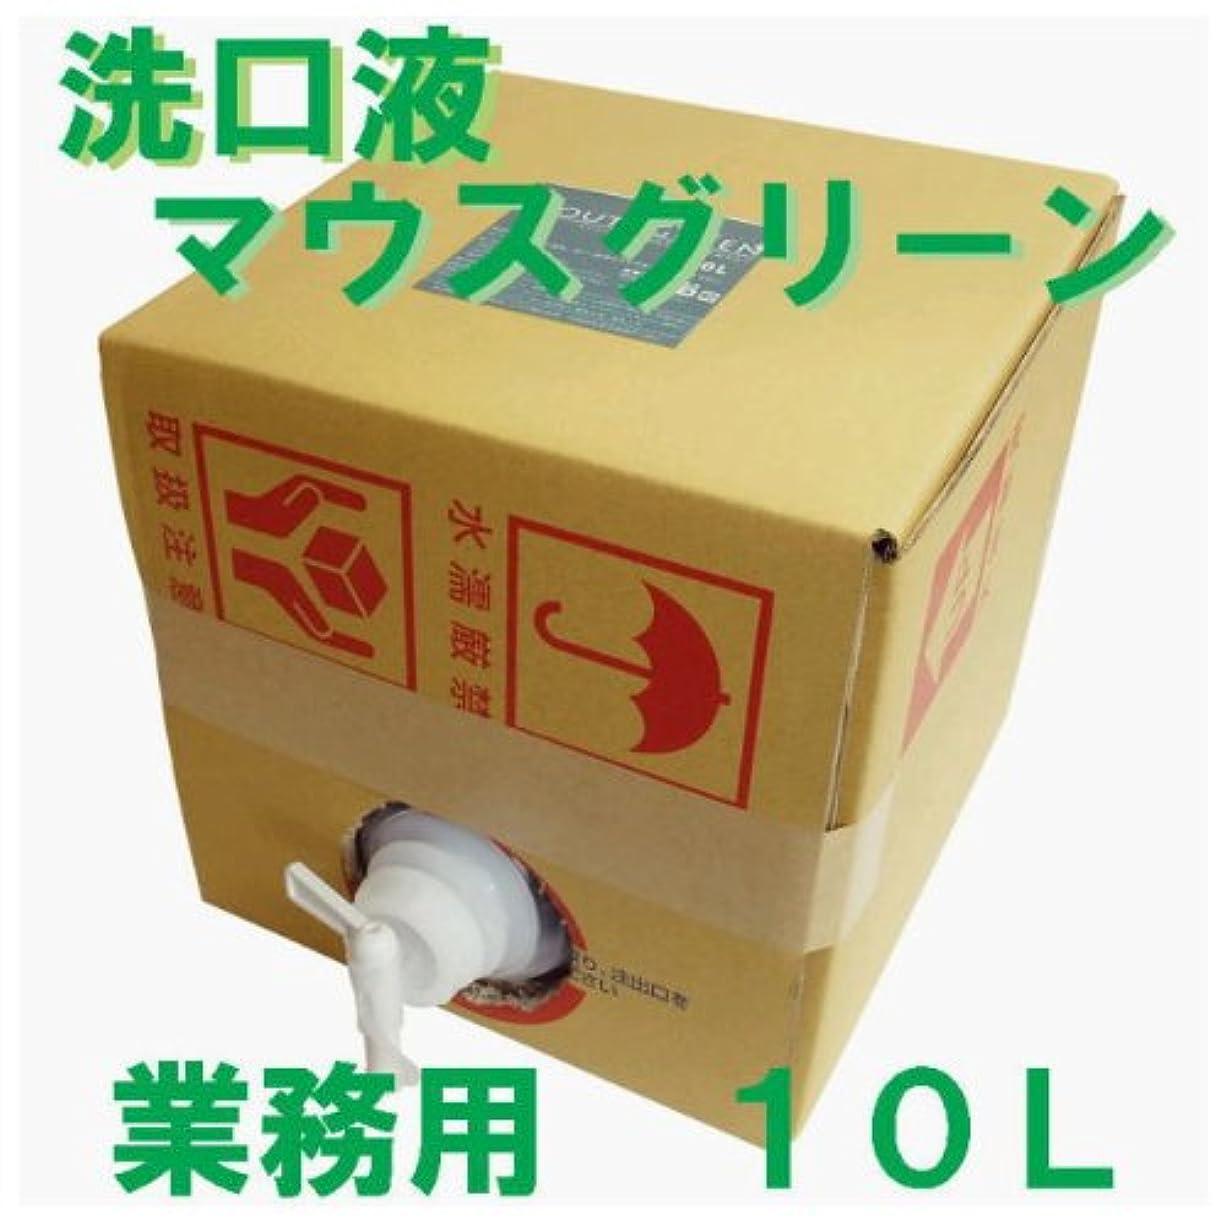 ふざけた大砲鎮痛剤業務用 口腔化粧品 マウスグリーン洗口液 10L